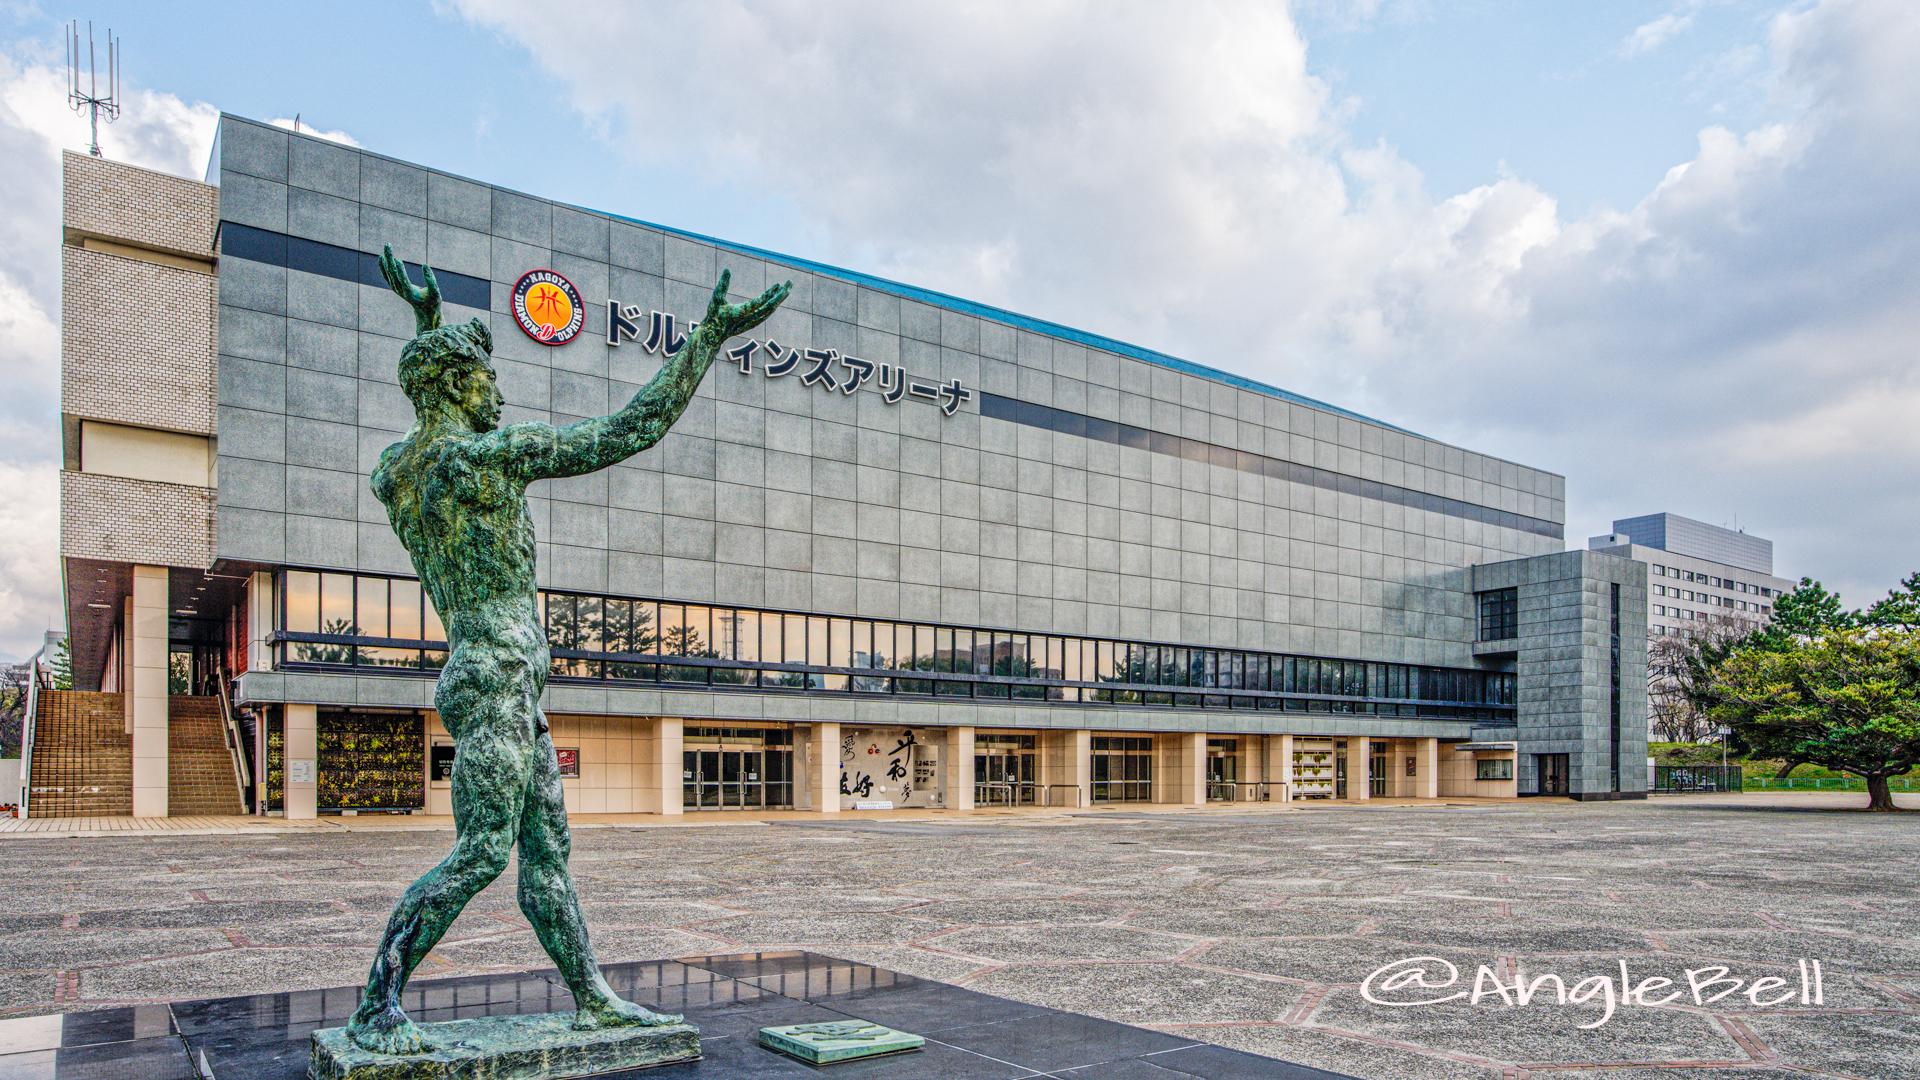 ドルフィンズアリーナ(愛知県体育館)春 2020